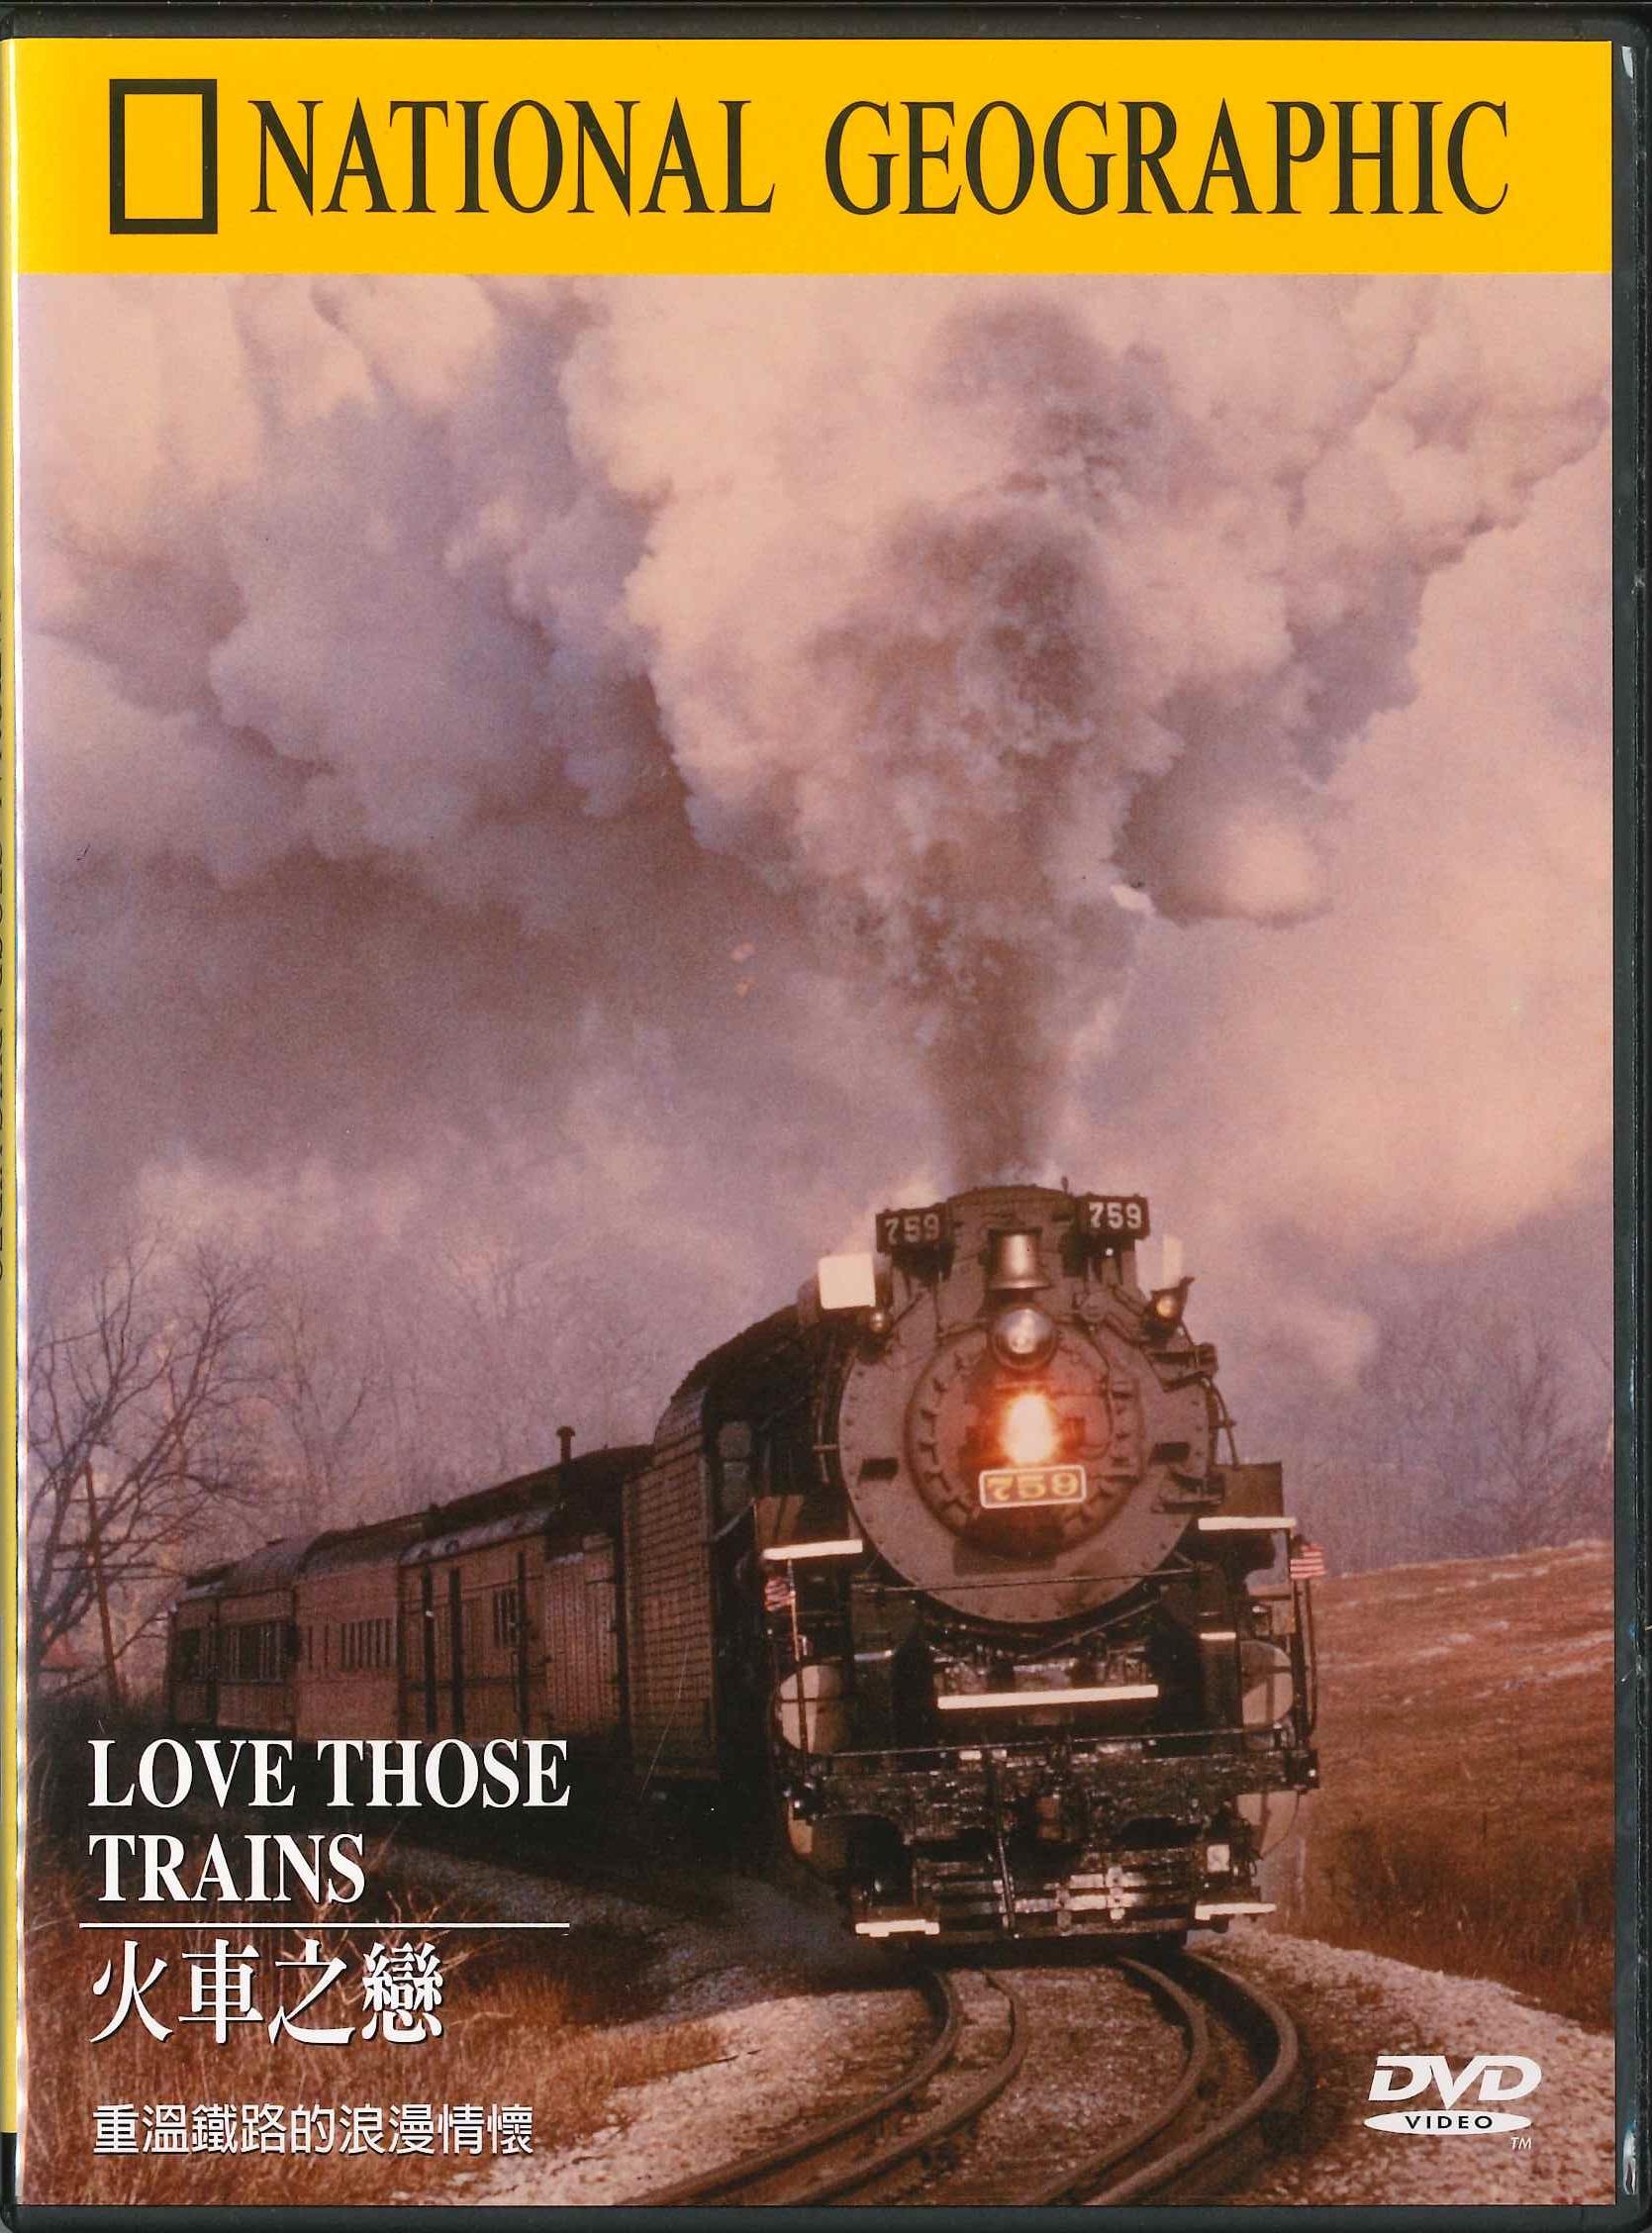 火車之戀 [錄影資料]=Love those trains